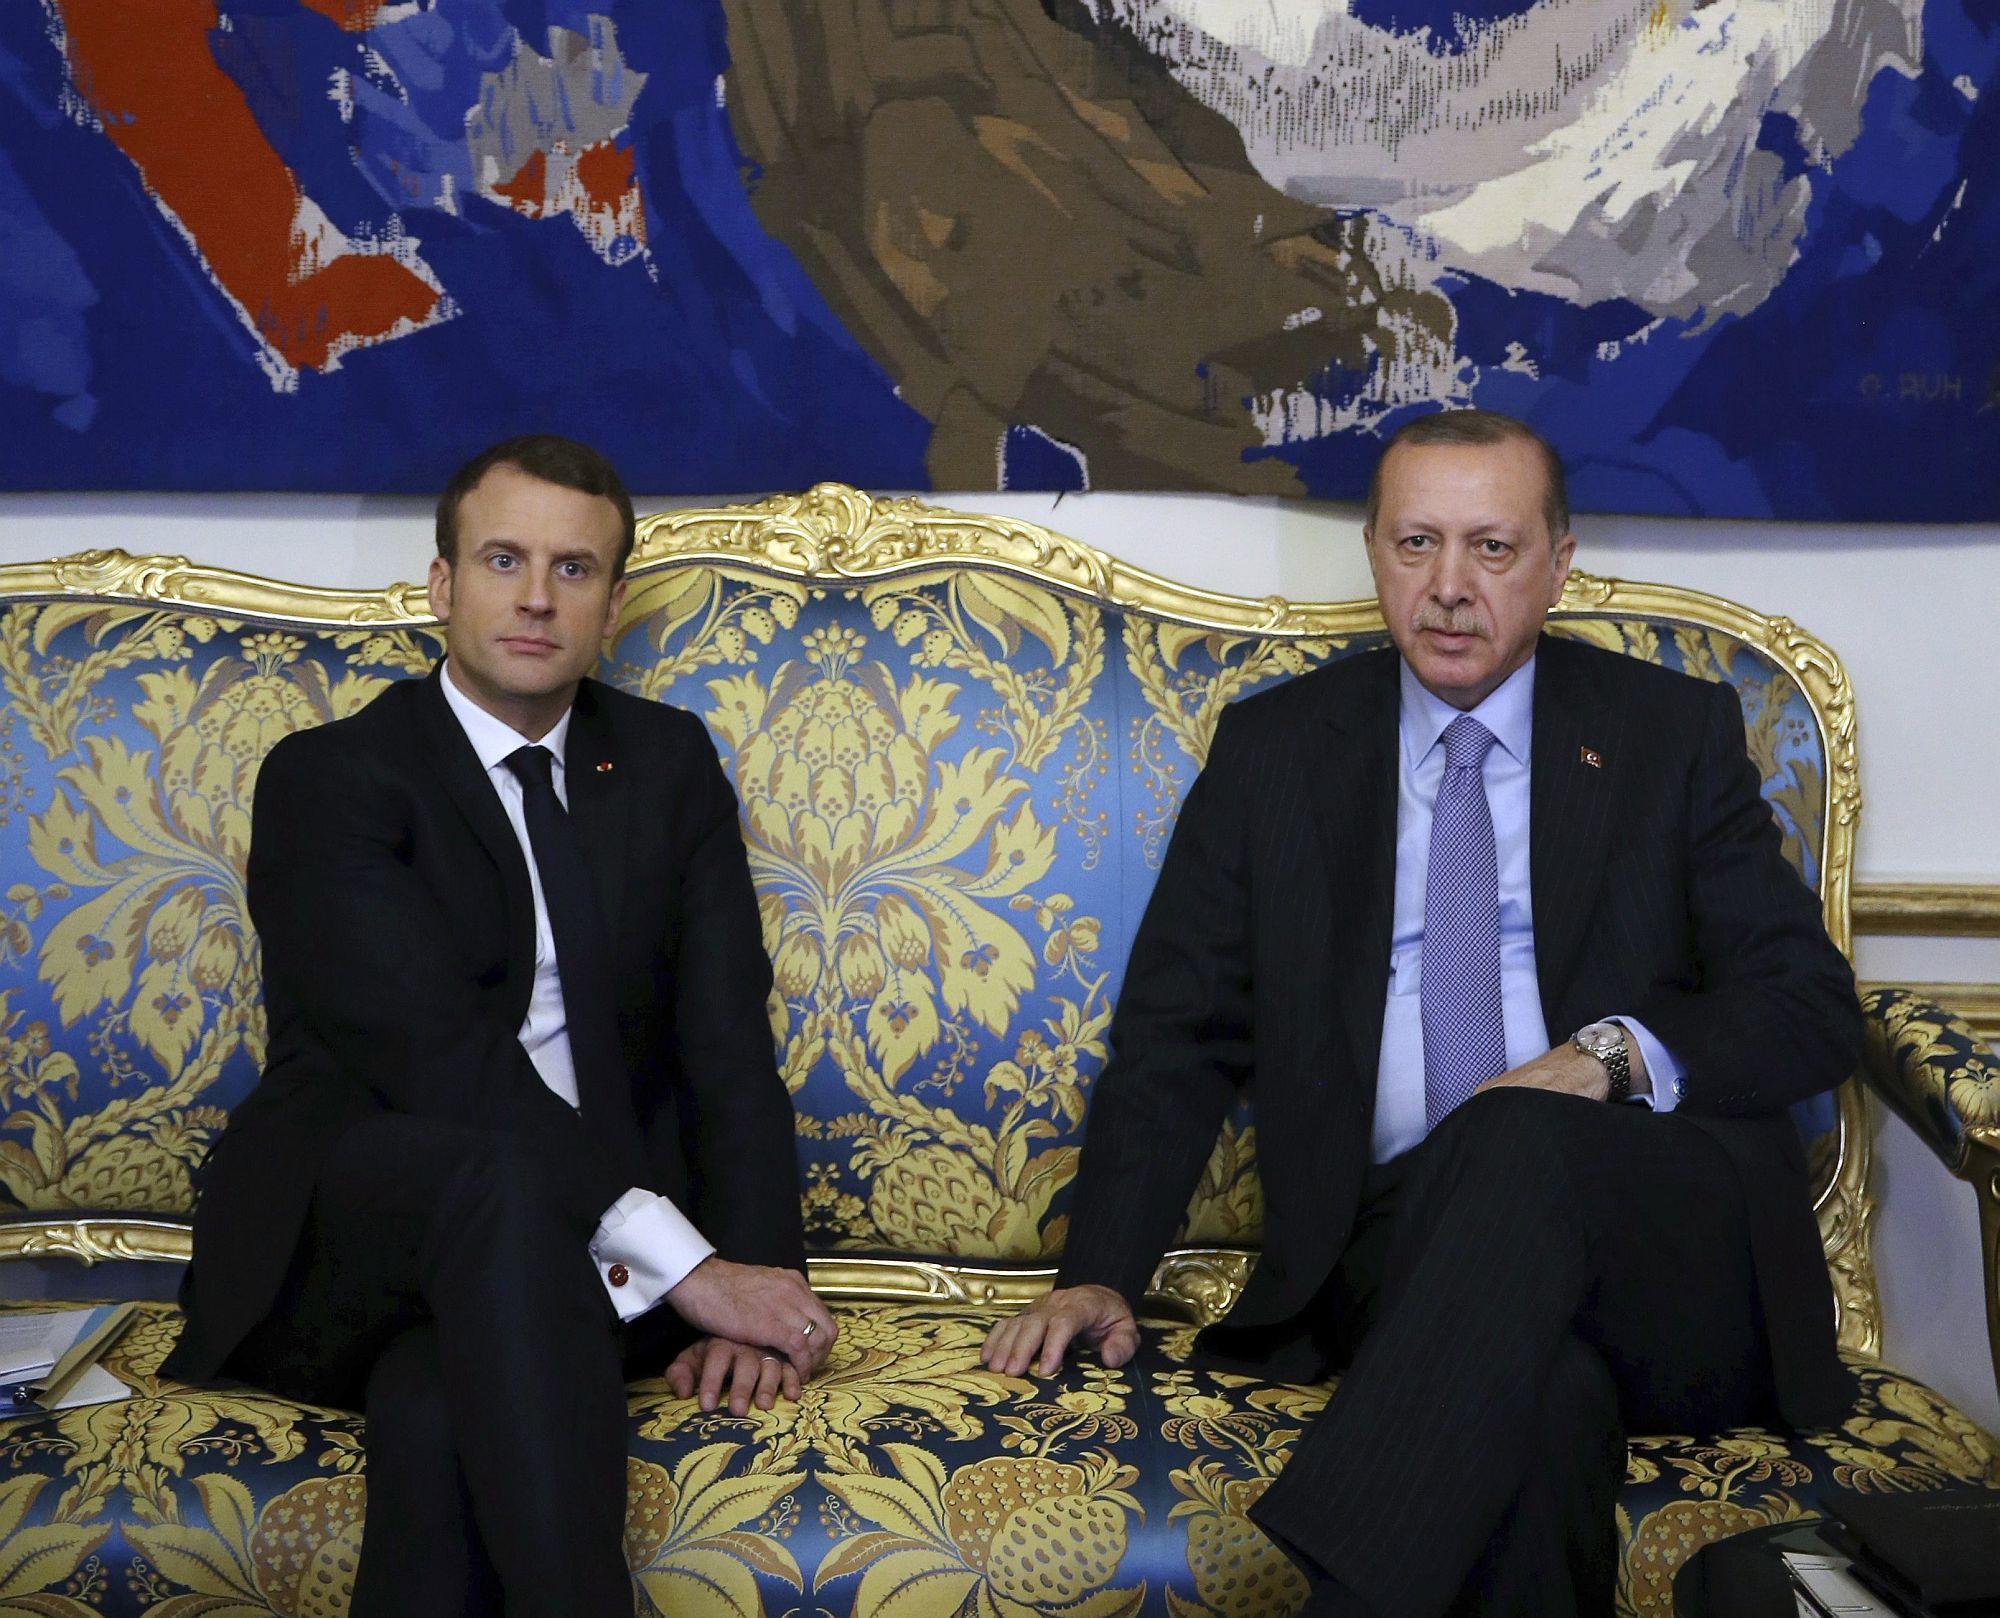 Emmanuel Macron francia elnök (b) fogadja a hivatalos látogatáson Franciaországban tartózkodó Recep Tayyip Erdogan török államfőt a párizsi államfői rezidencián, az Elysée-palotában 2018. január 5-én. (MTI/AP/Török elnöki sajtószolgálat pool/Yasin Bülbül)